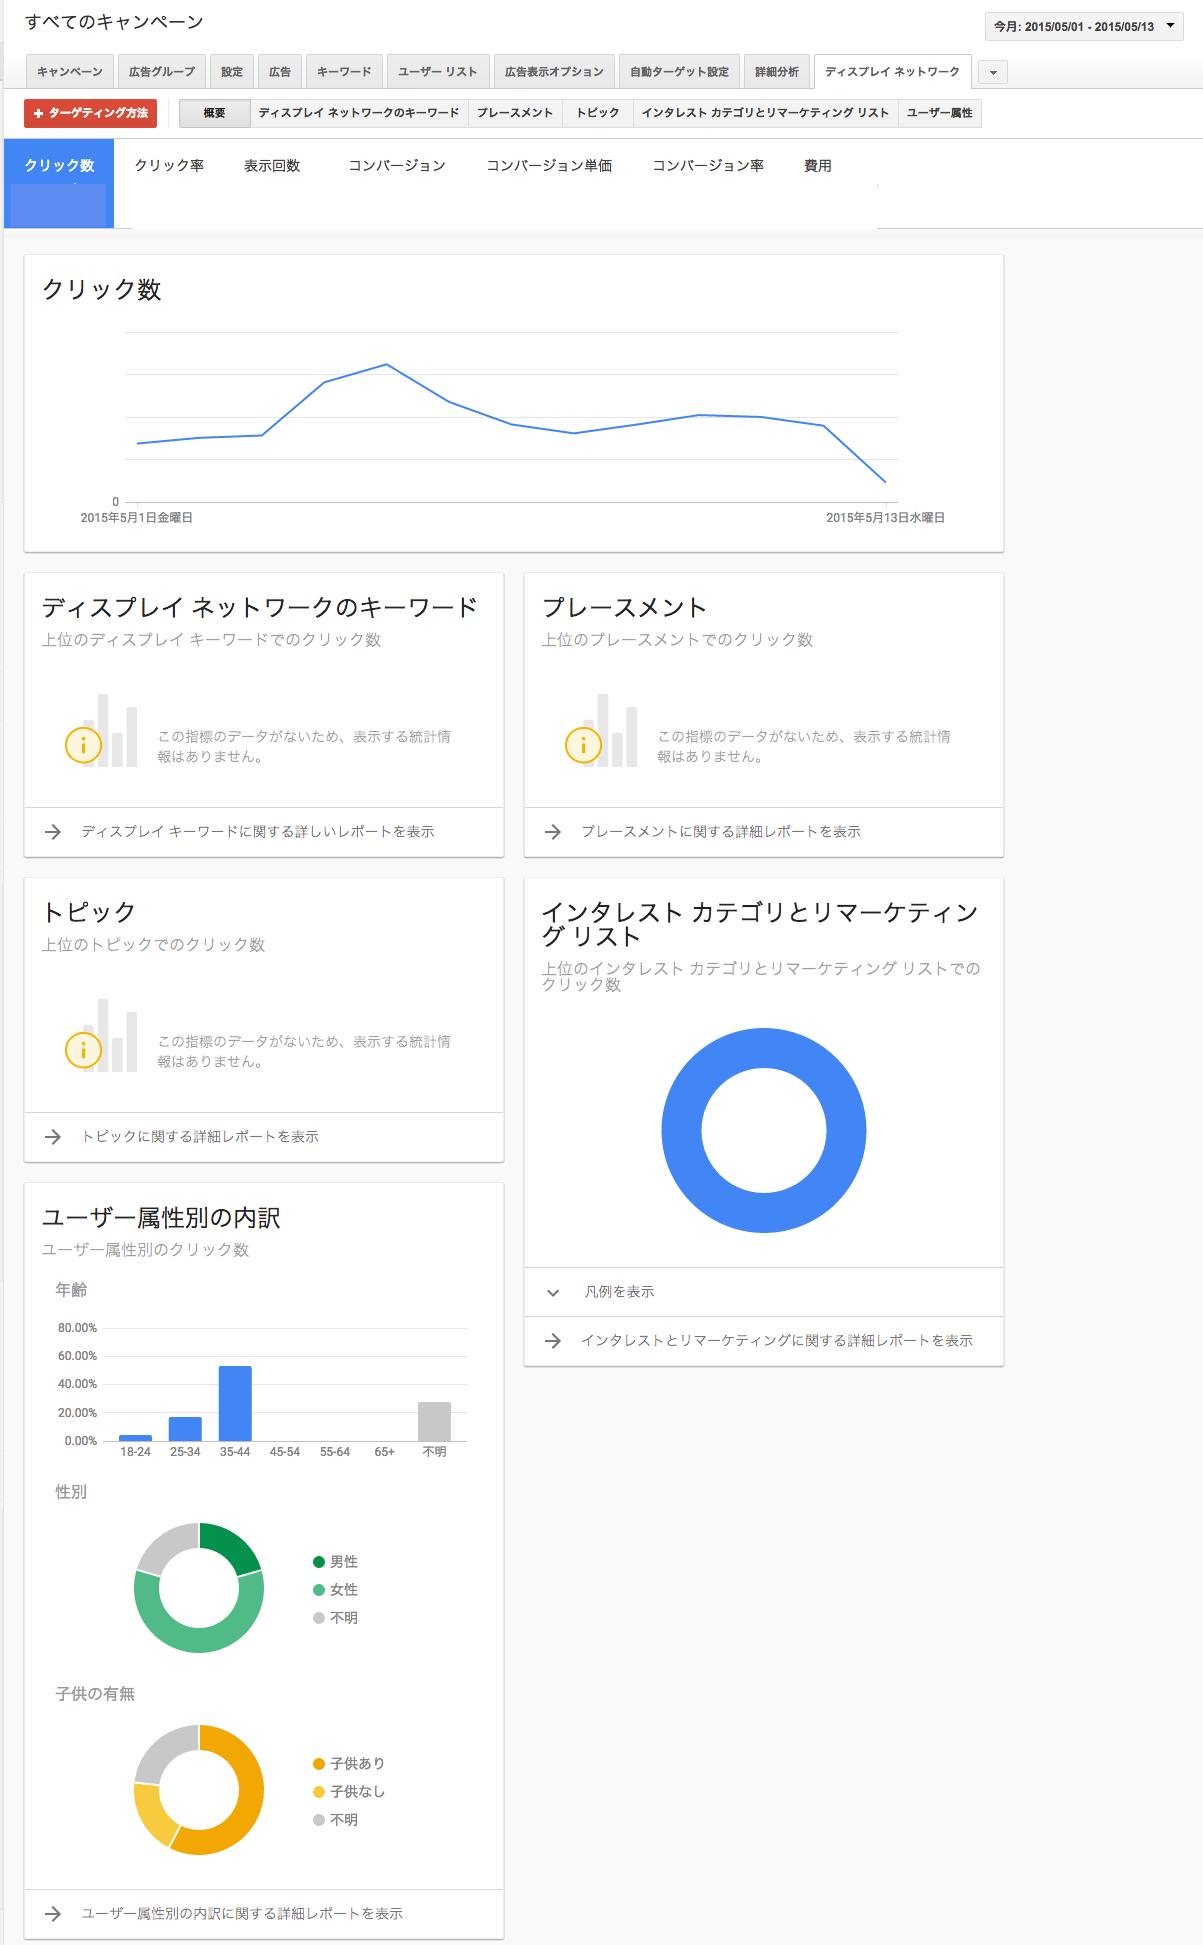 screencapture-adwords-google-com-cm-CampaignMgmt-1431483460344